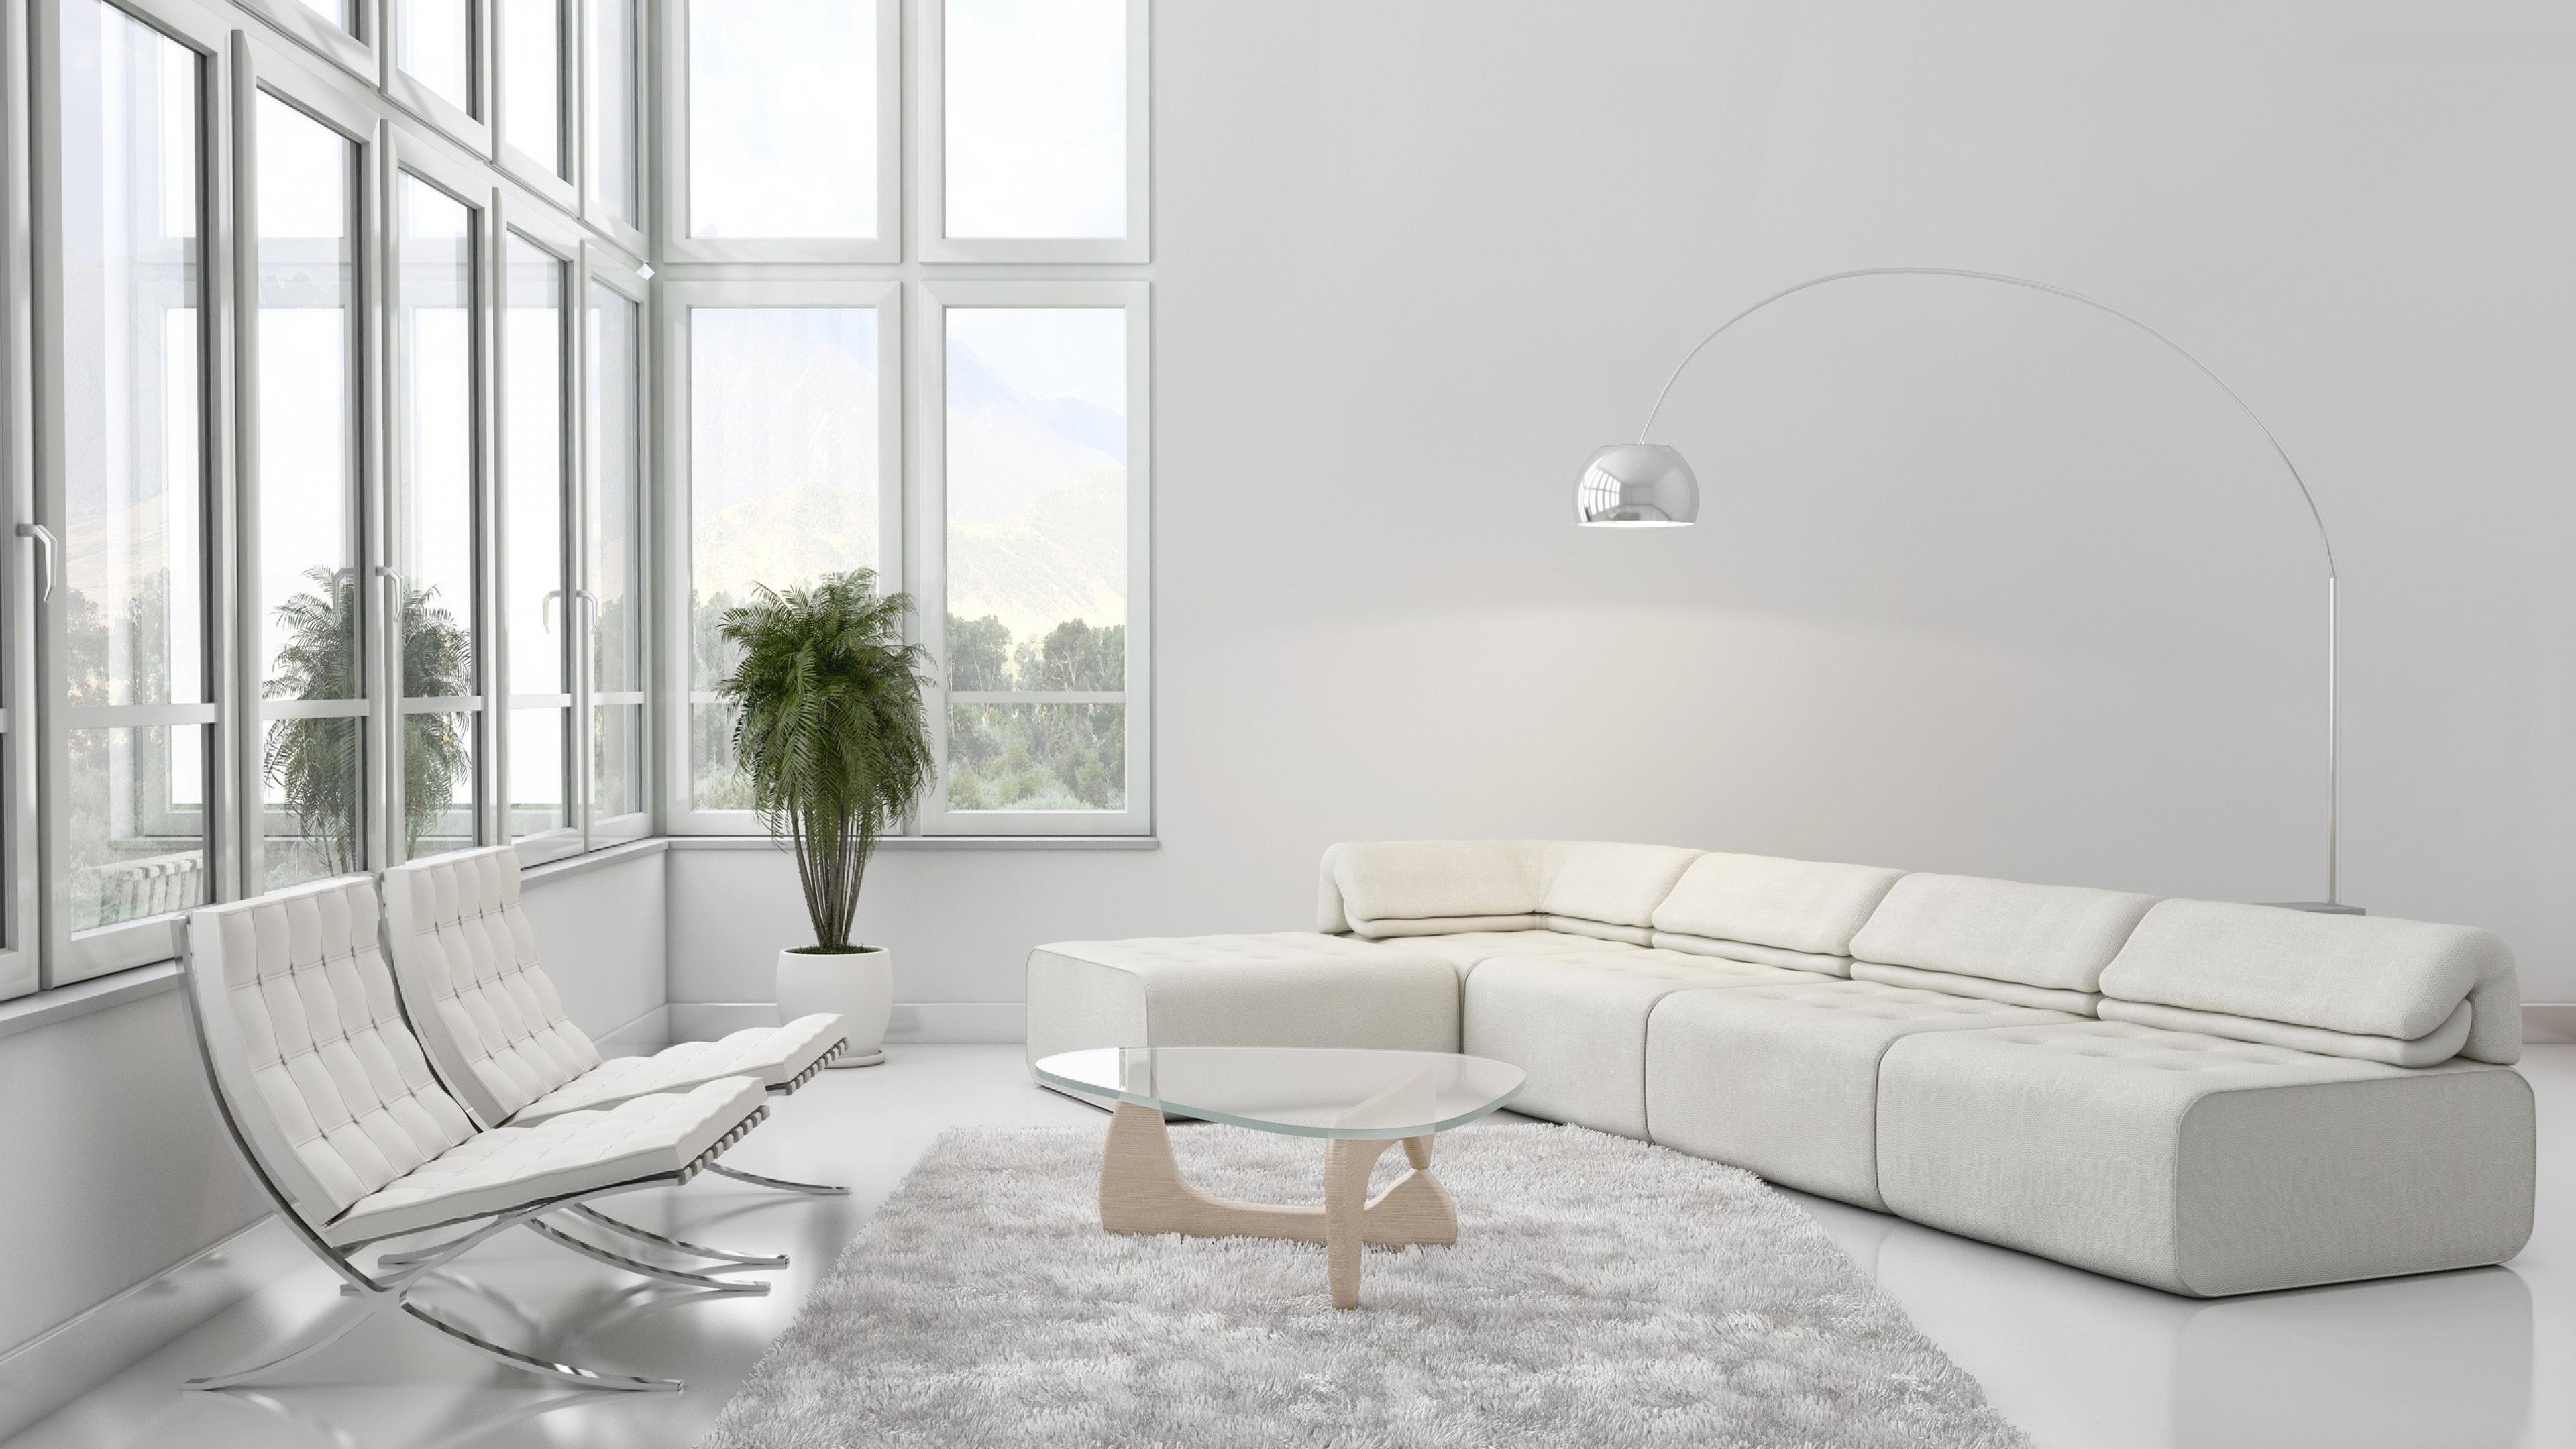 Обыкновенное чудо — пять мифов об увлажнителях воздуха – белая мебель